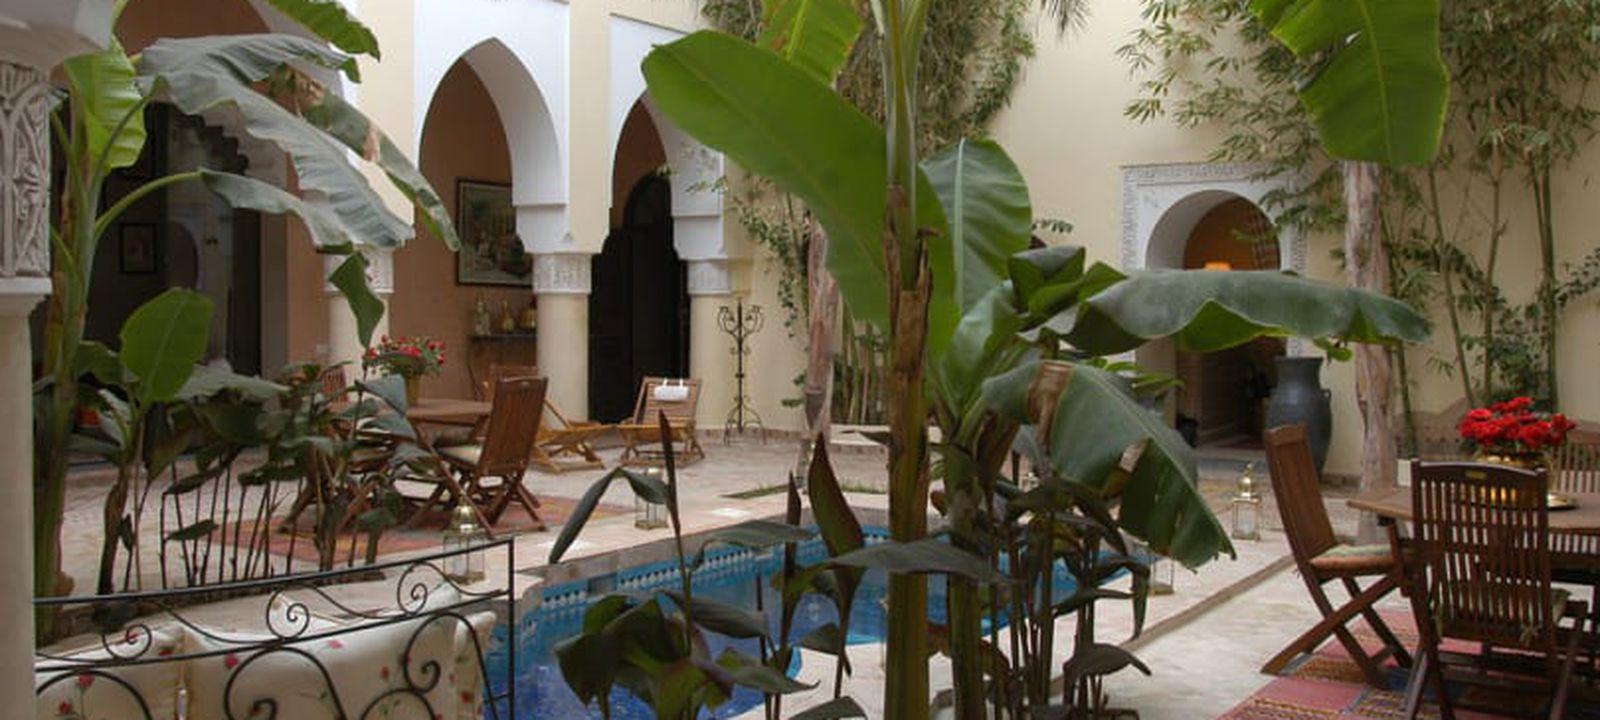 Marrakech : 5 Jours À Partir De 180€ En Riad 4* Avec Piscine ... serapportantà Riad Marrakech Avec Piscine